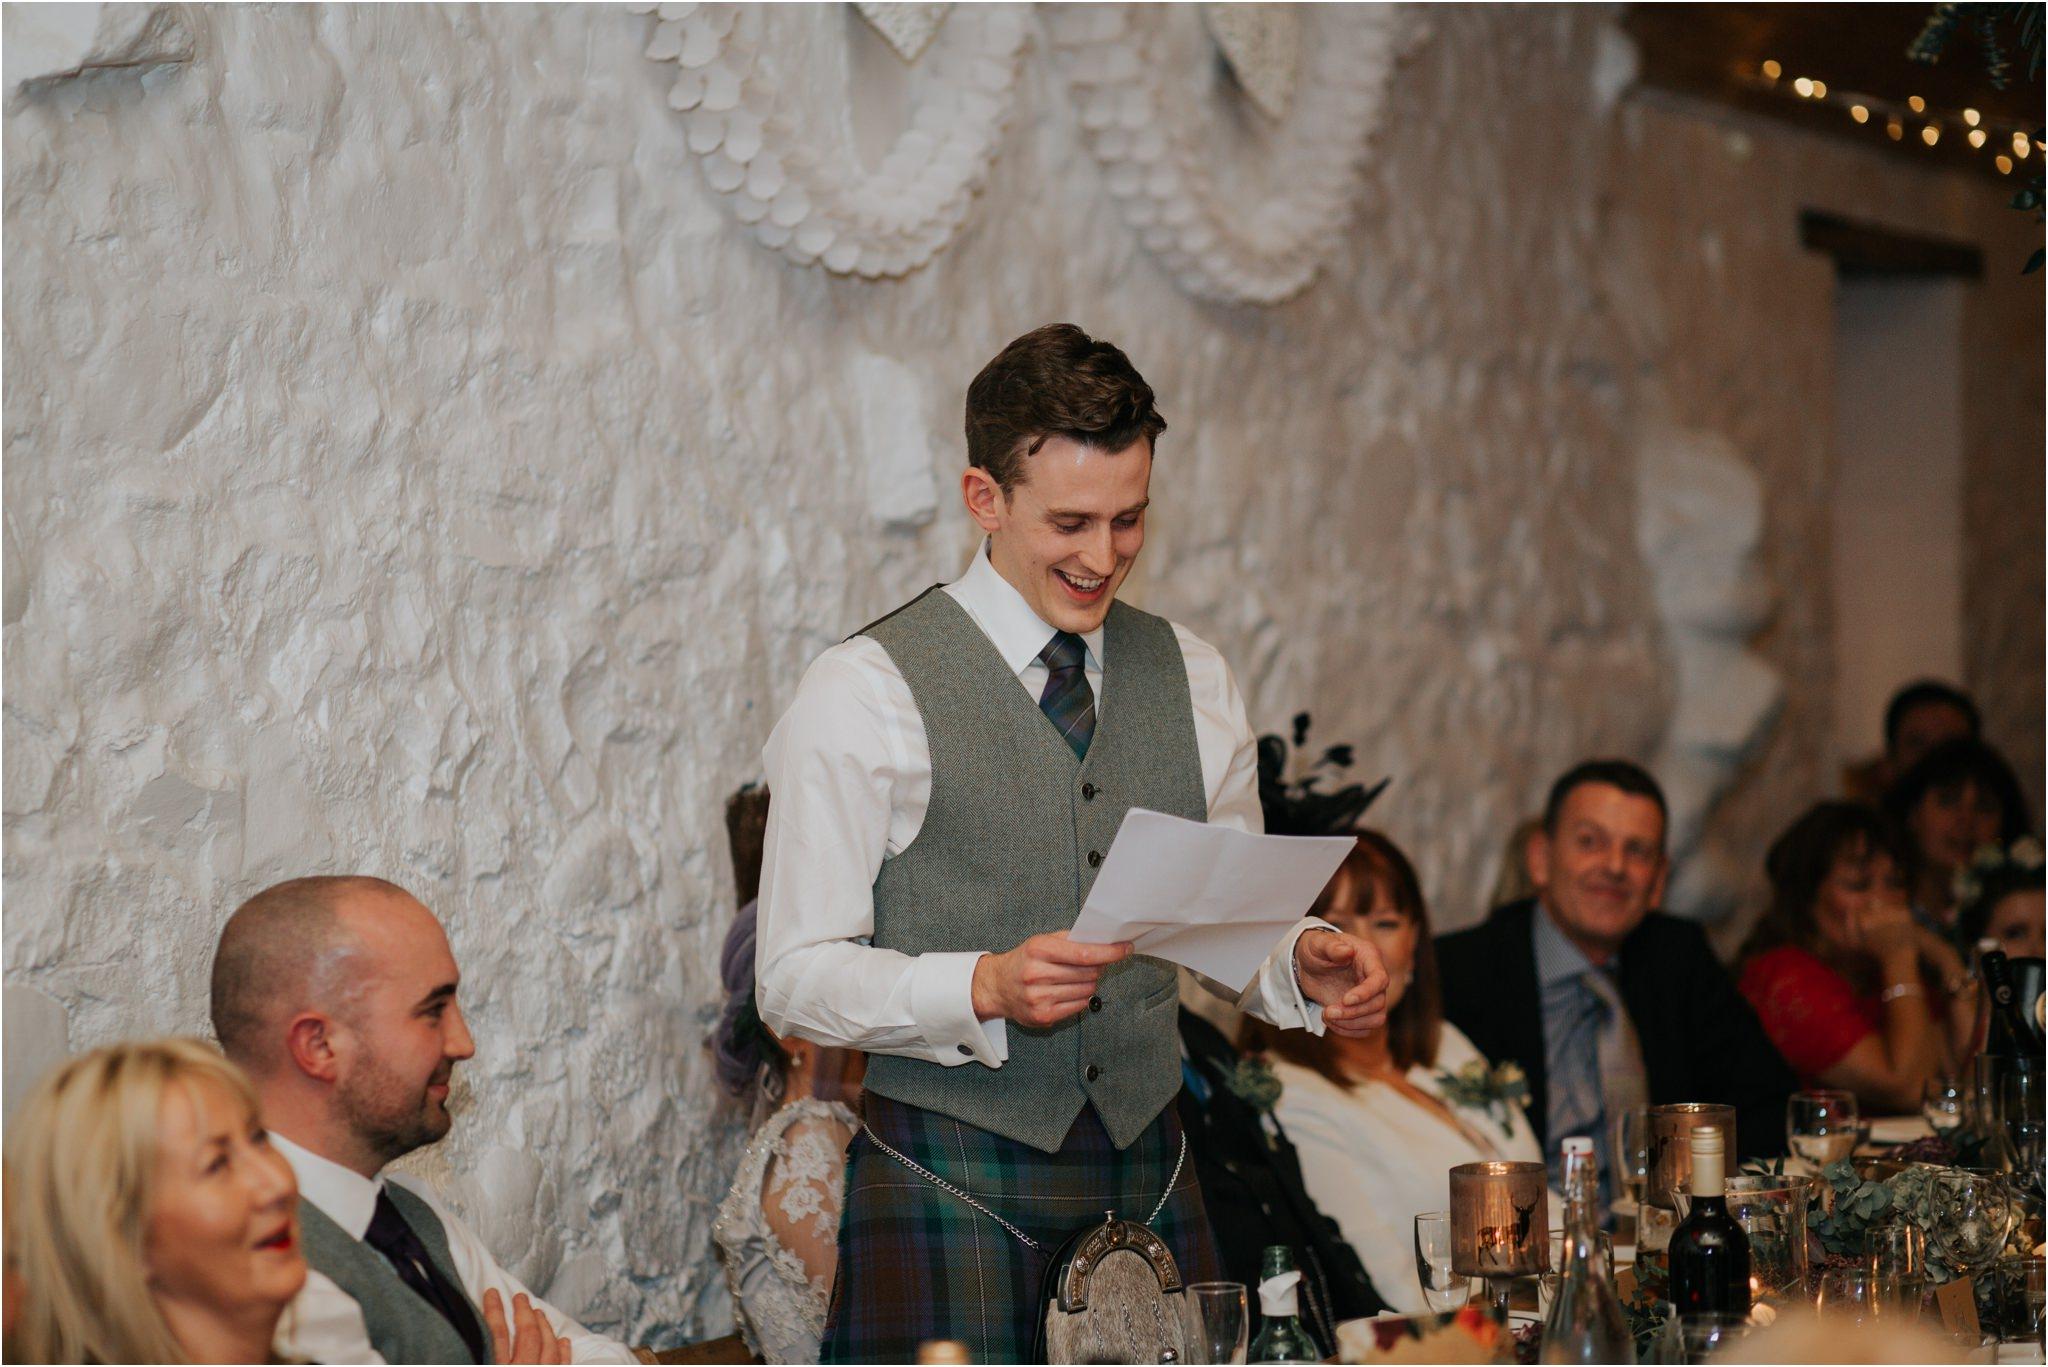 Photography 78 - Glasgow Wedding Photographer - Pete & Eilidh - Dalduff Farm_0090.jpg